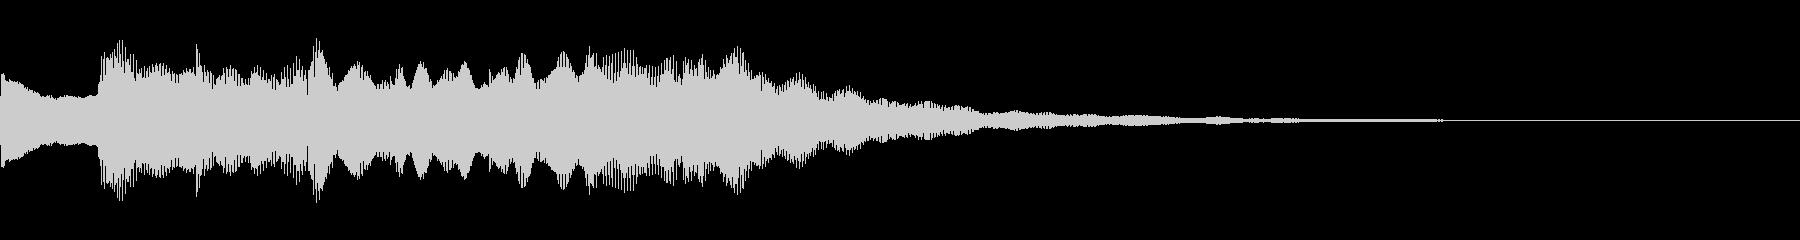 アナウンス用「ピンポンパンポン×2♪」の未再生の波形